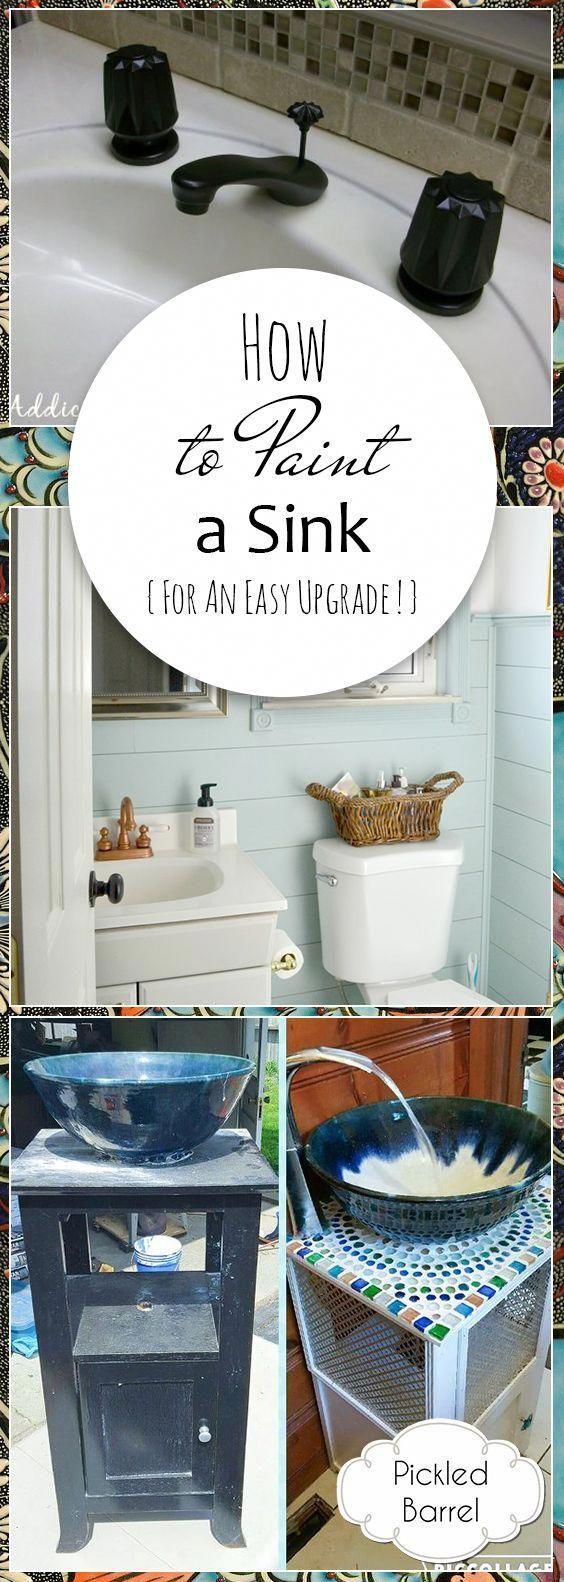 Wie Man Ein Waschbecken Fur Ein Einfaches Upgrade Lackiert Gemalte Waschbecken Wie Sie Ihr Waschbecken Mal Waschbecken Malen Badezimmer Diy Hausverschonerung